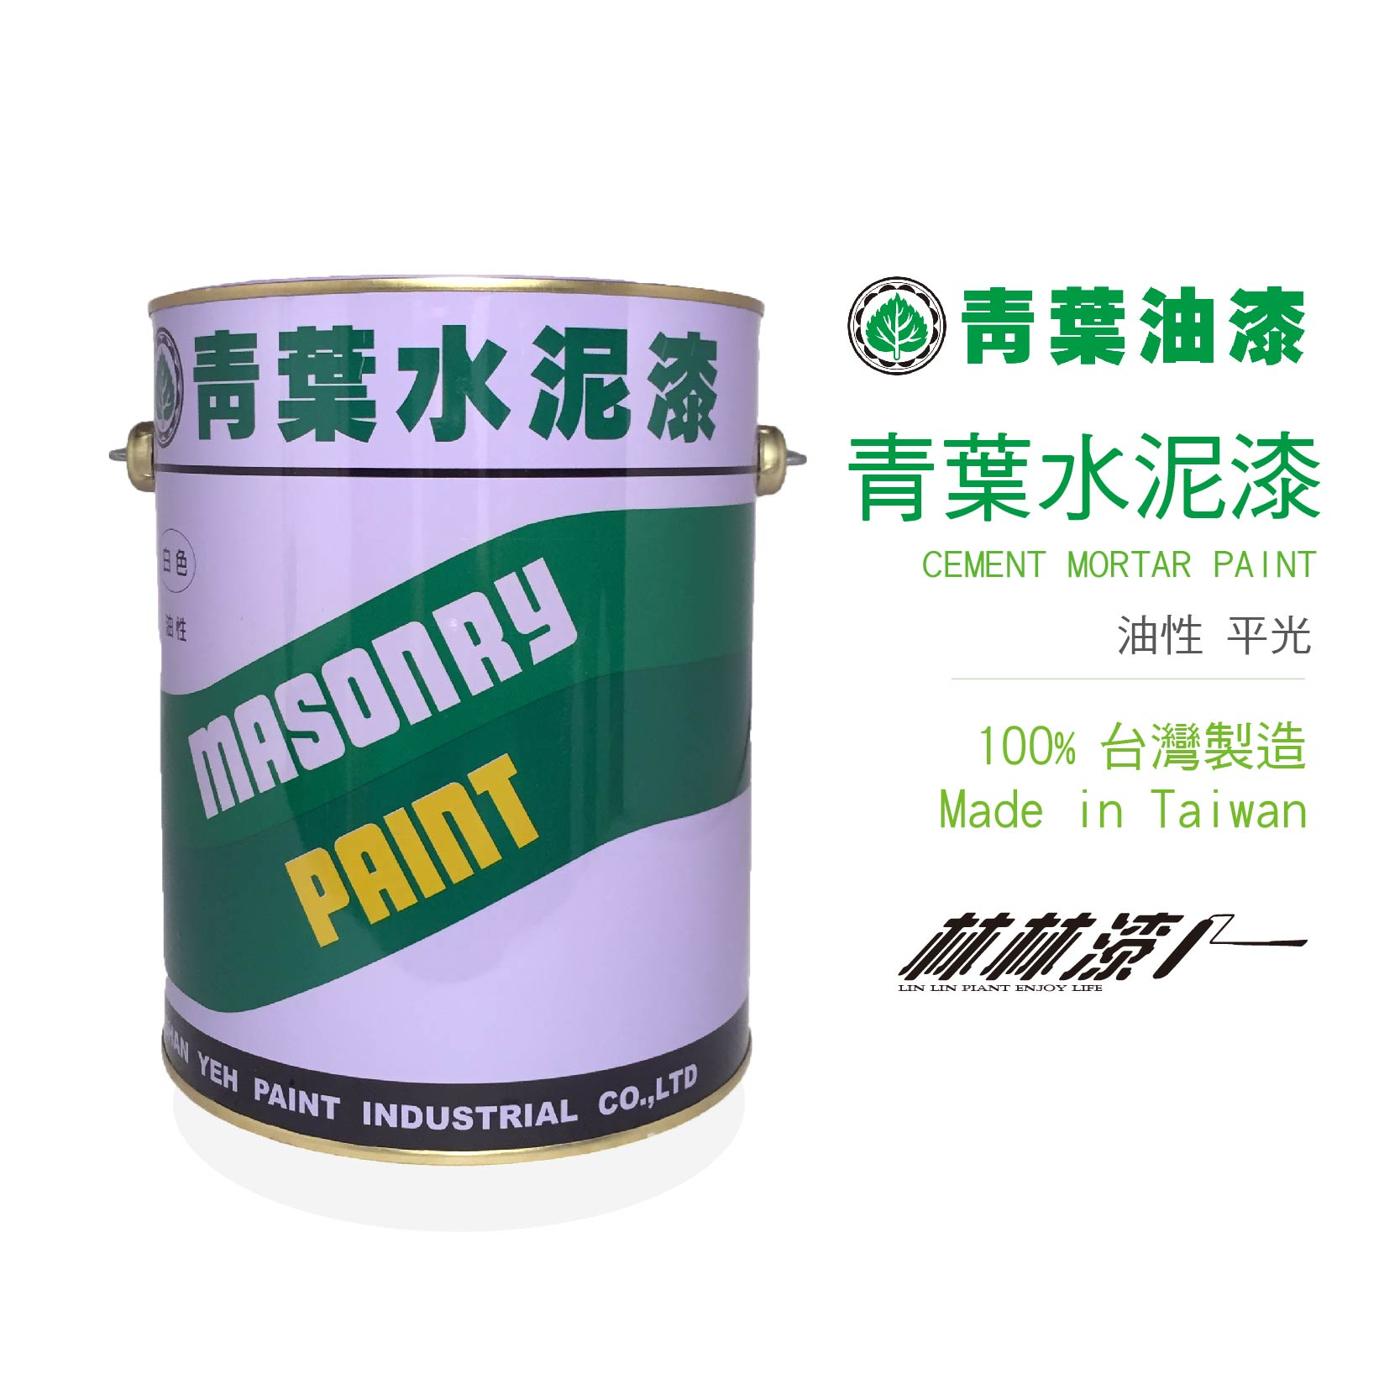 林林漆青葉油性水泥漆平光百合白5加侖